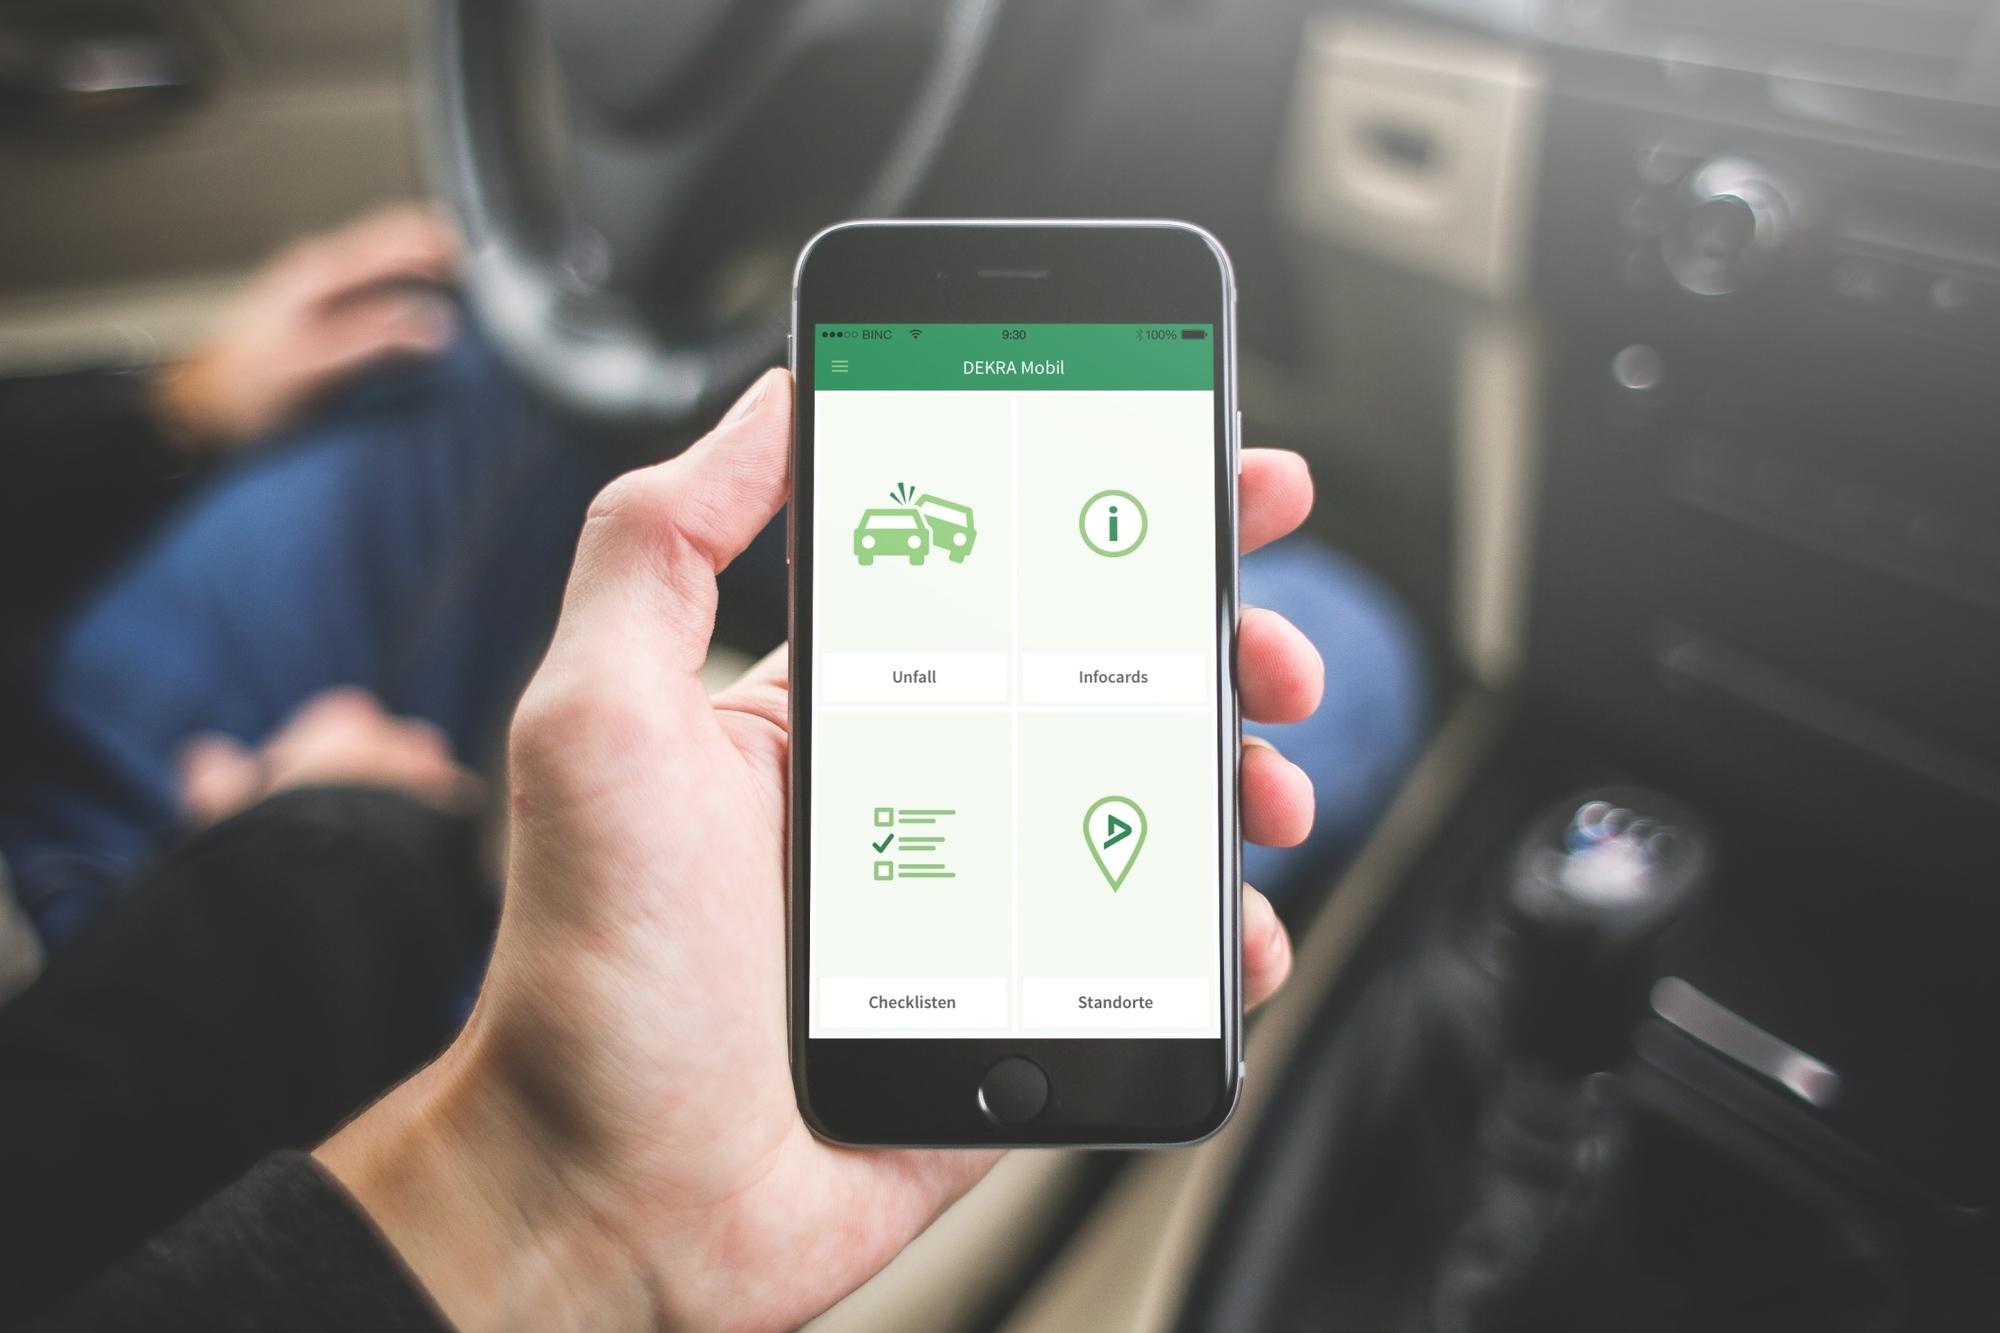 mid Groß-Gerau - Die App für alle Fälle: Ob Urlaubsplanung, Panne oder die anstehende Hauptuntersuchung, die Dekra Mobil App weiß Rat.